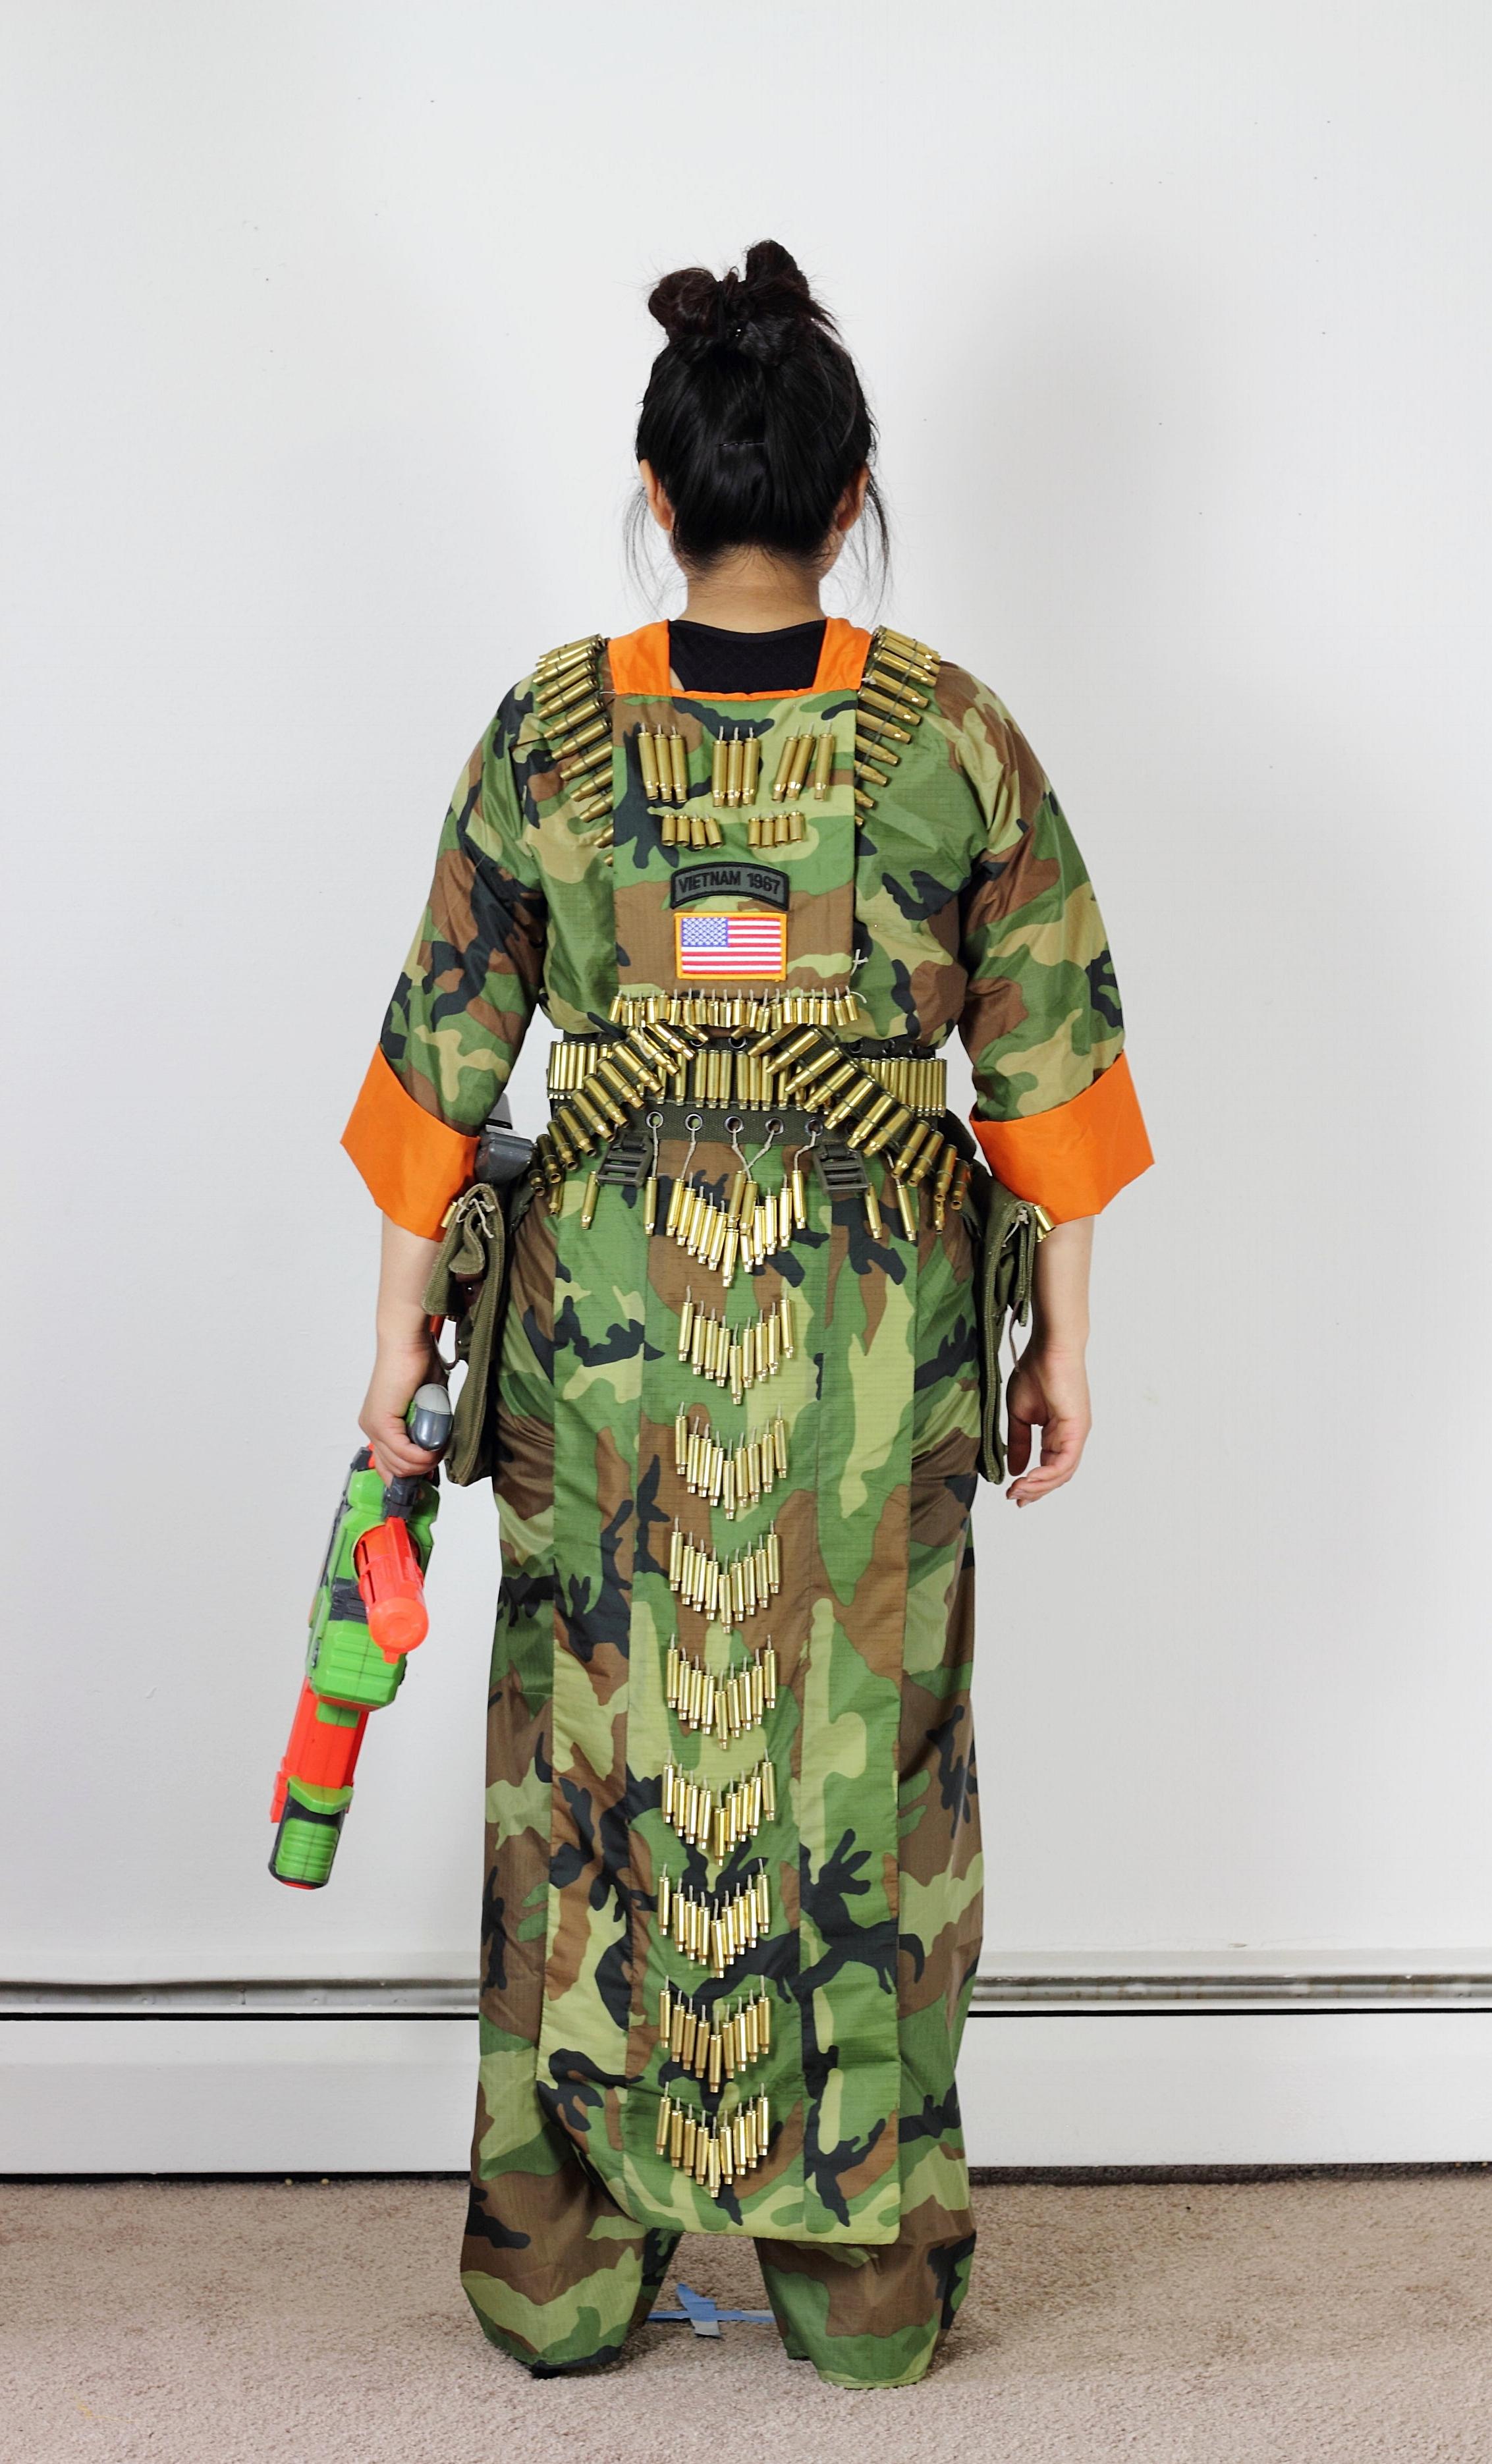 Hmong clothes #1, Khaub ncaws hmoob #1